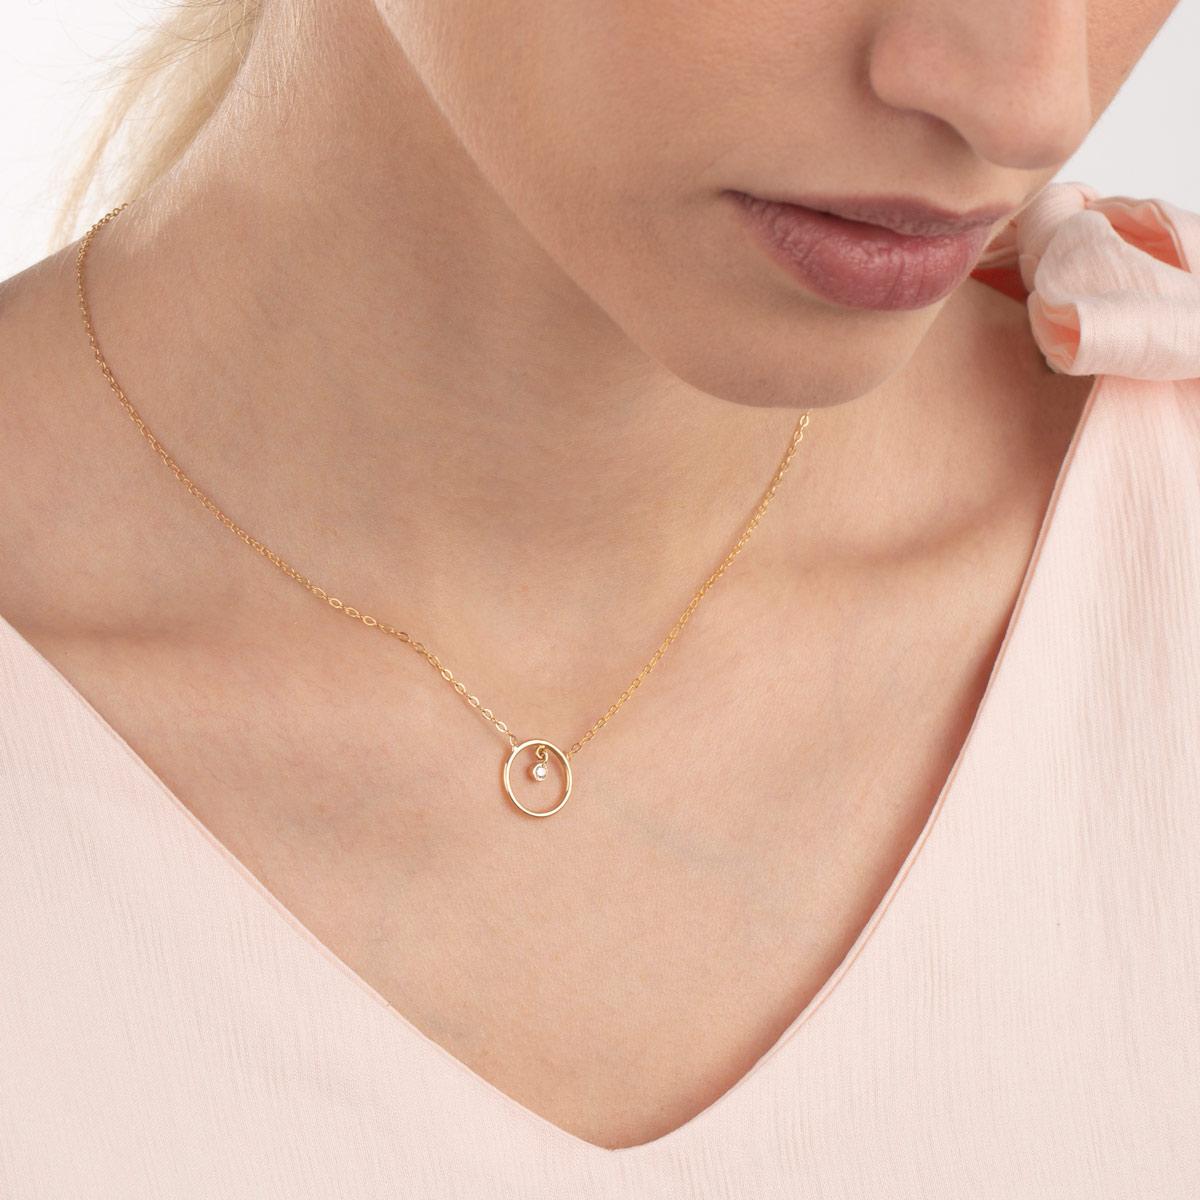 گردنبند طلا دایره و لونا